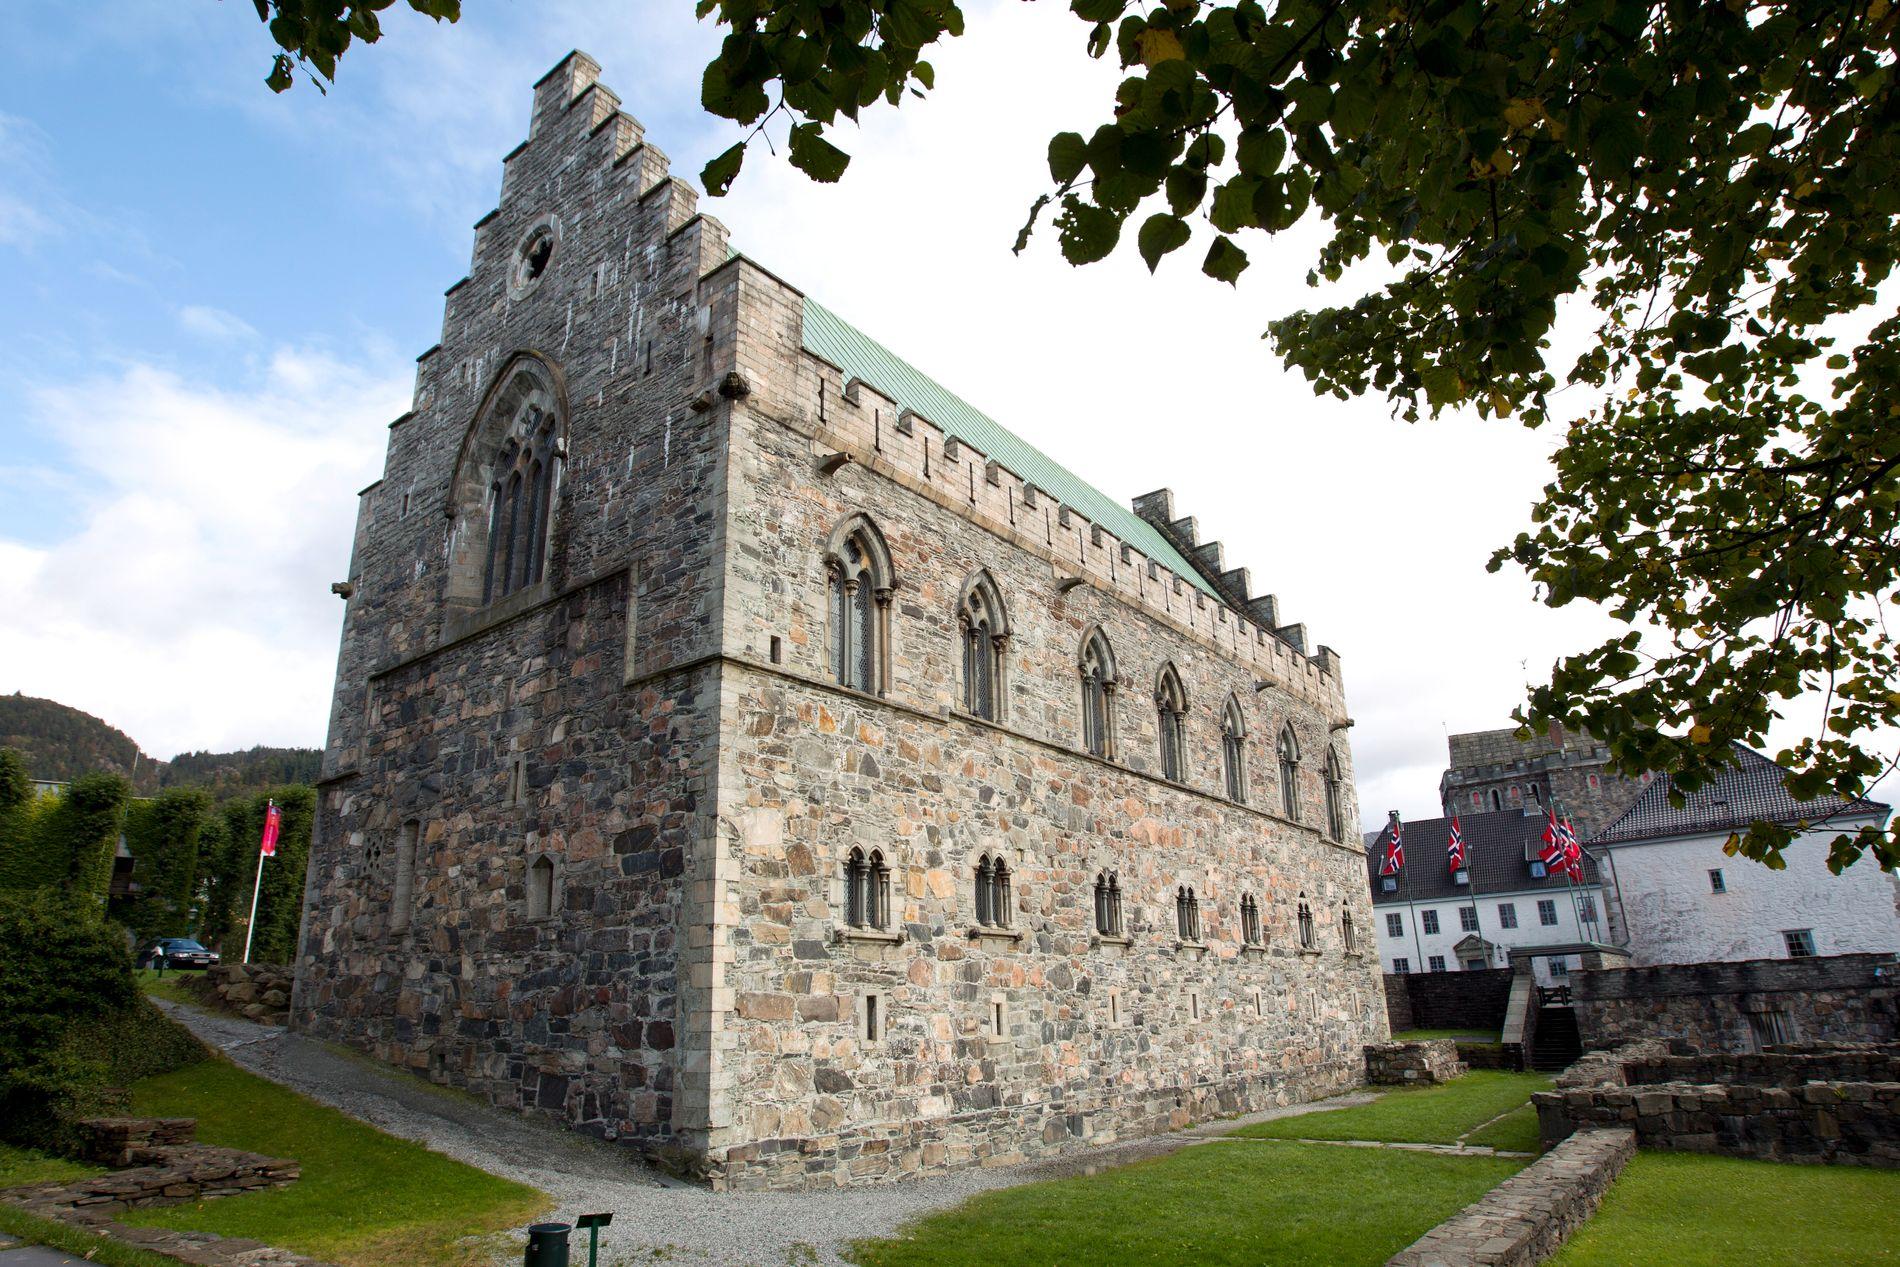 HÅKONSHALLEN: Hallen ble reist mellom 1247 og 1261 av kong Håkon Håkonsson, og ble brukt som kongebolig og festsal.